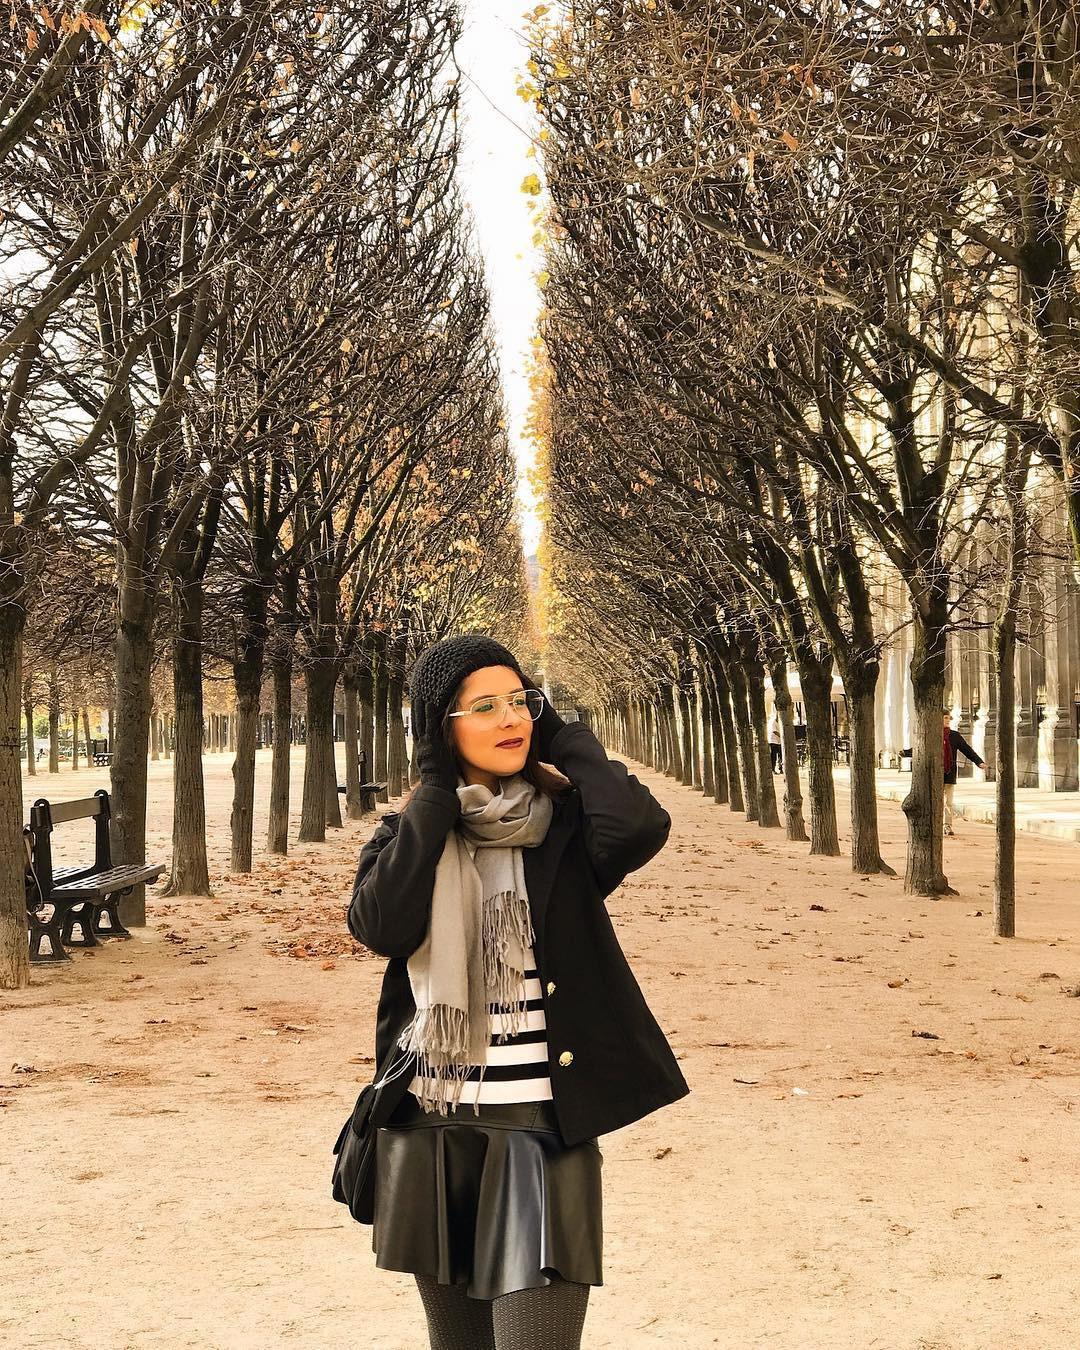 Hoá ra không chỉ Quỳnh Anh Shyn hay Quang Đại mà bất cứ ai đến Paris cũng đều check-in tại địa điểm này - Ảnh 6.